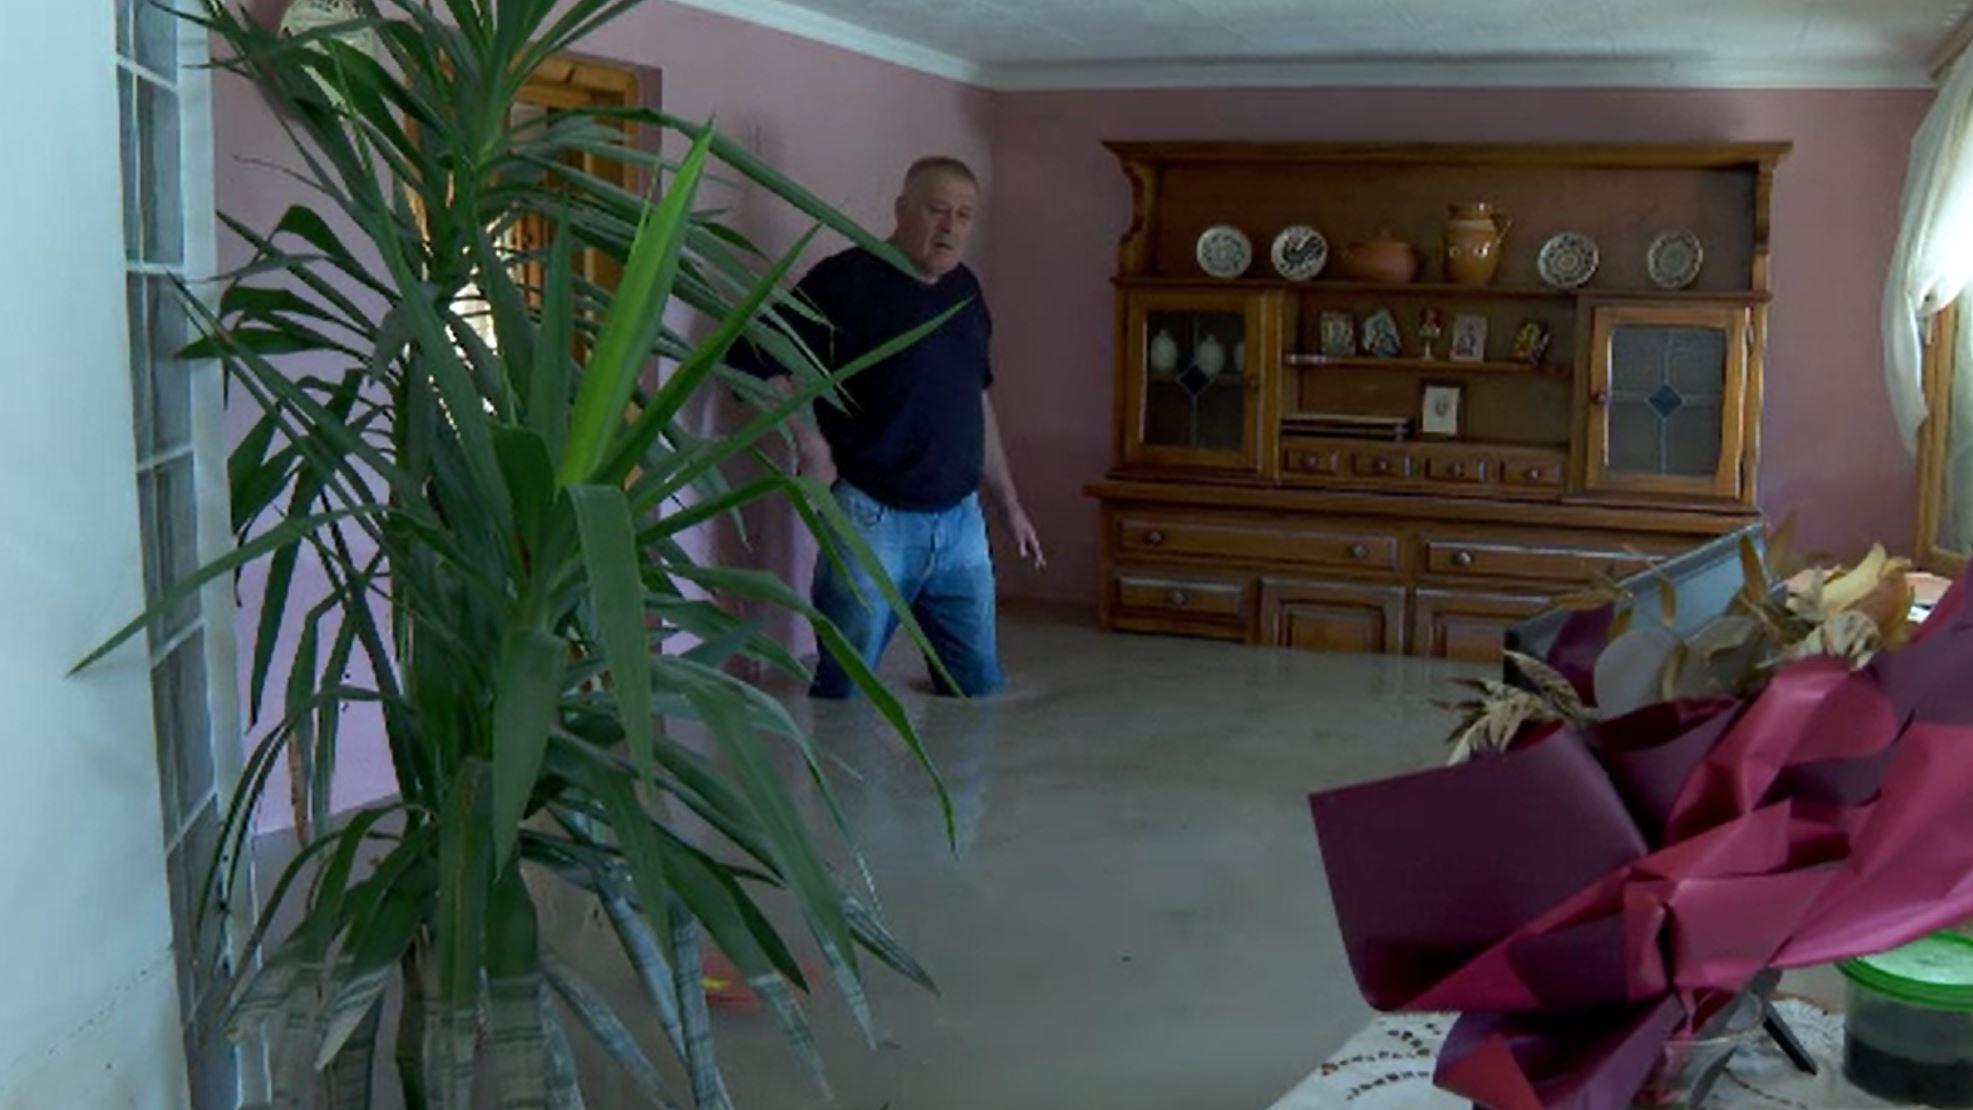 România, măturată de ape. Drama unui bărbat a cărui casă a fost pentru a doua oară ruinată de inundații